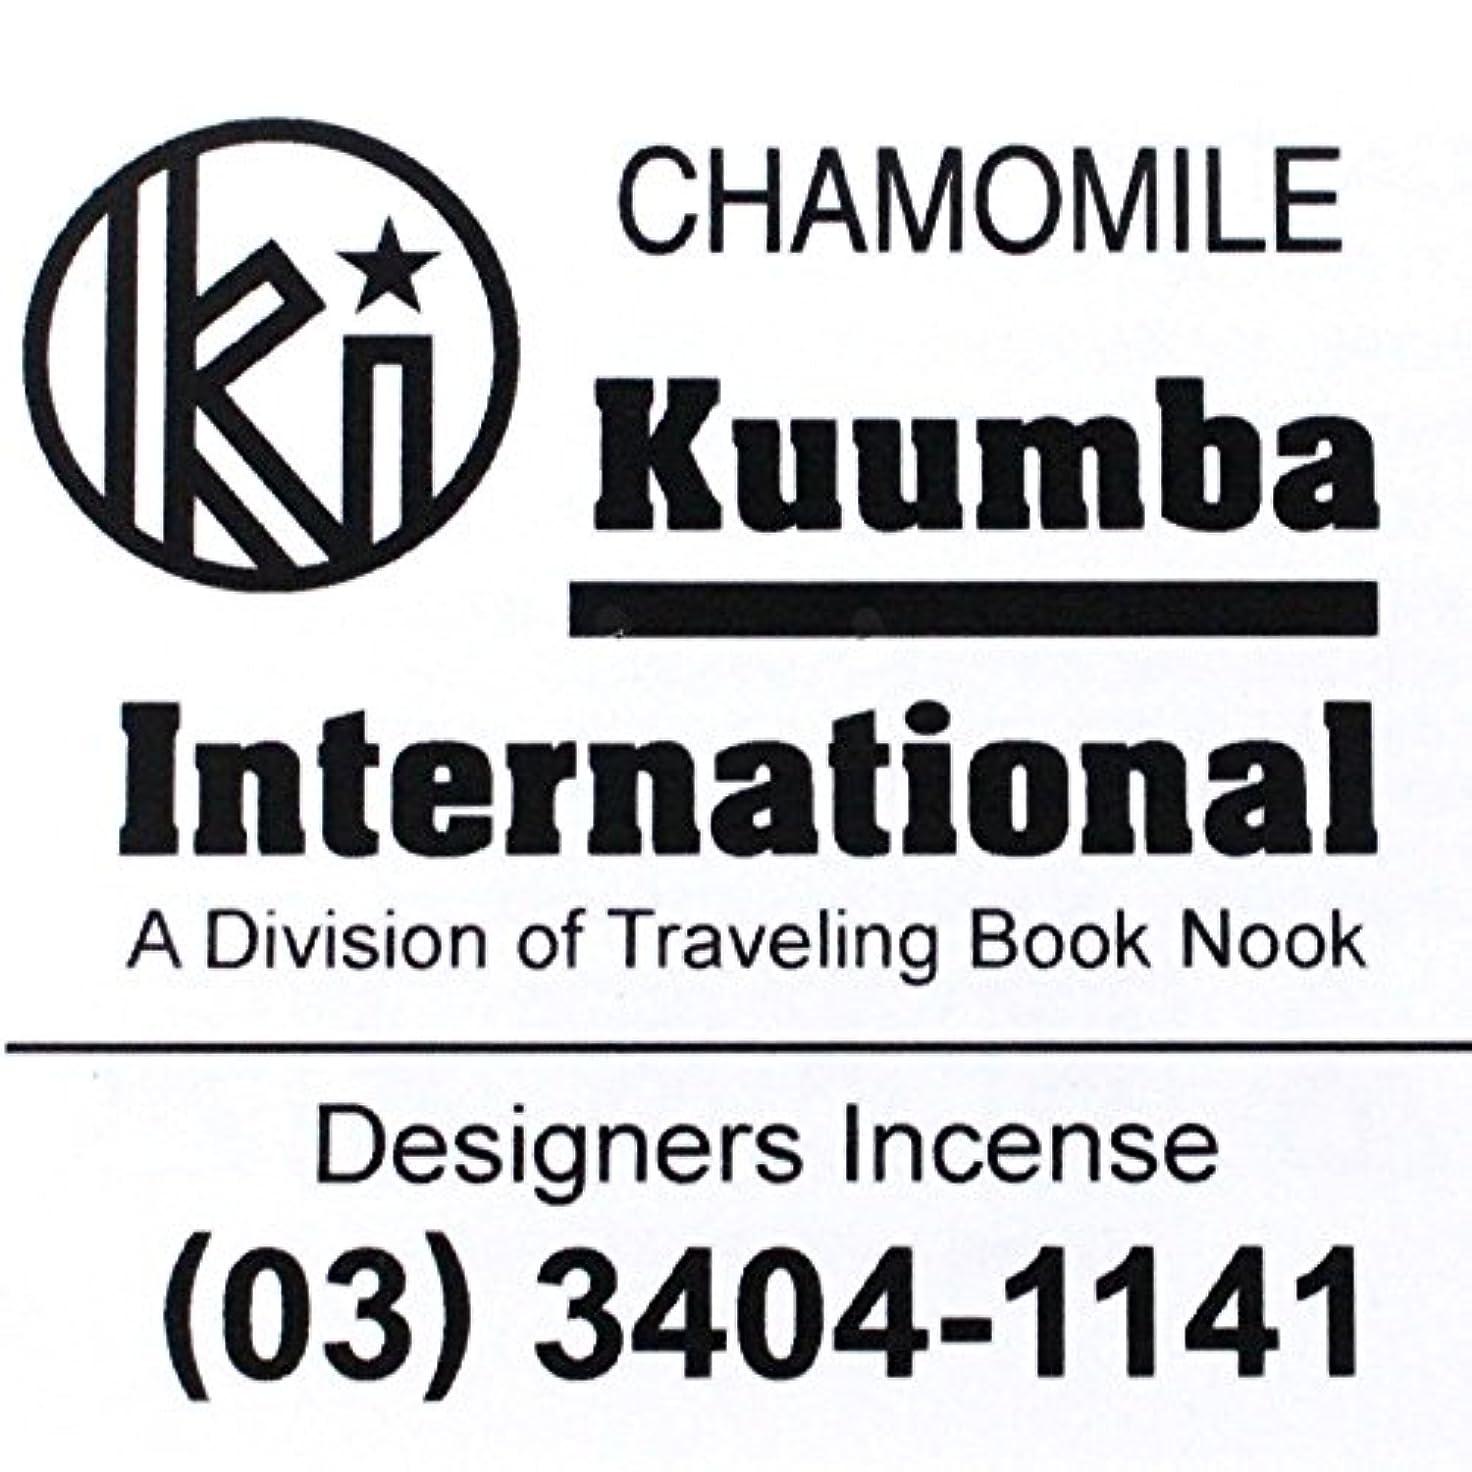 放棄する補助金意義(クンバ) KUUMBA『incense』(CHAMOMILE) (Regular size)